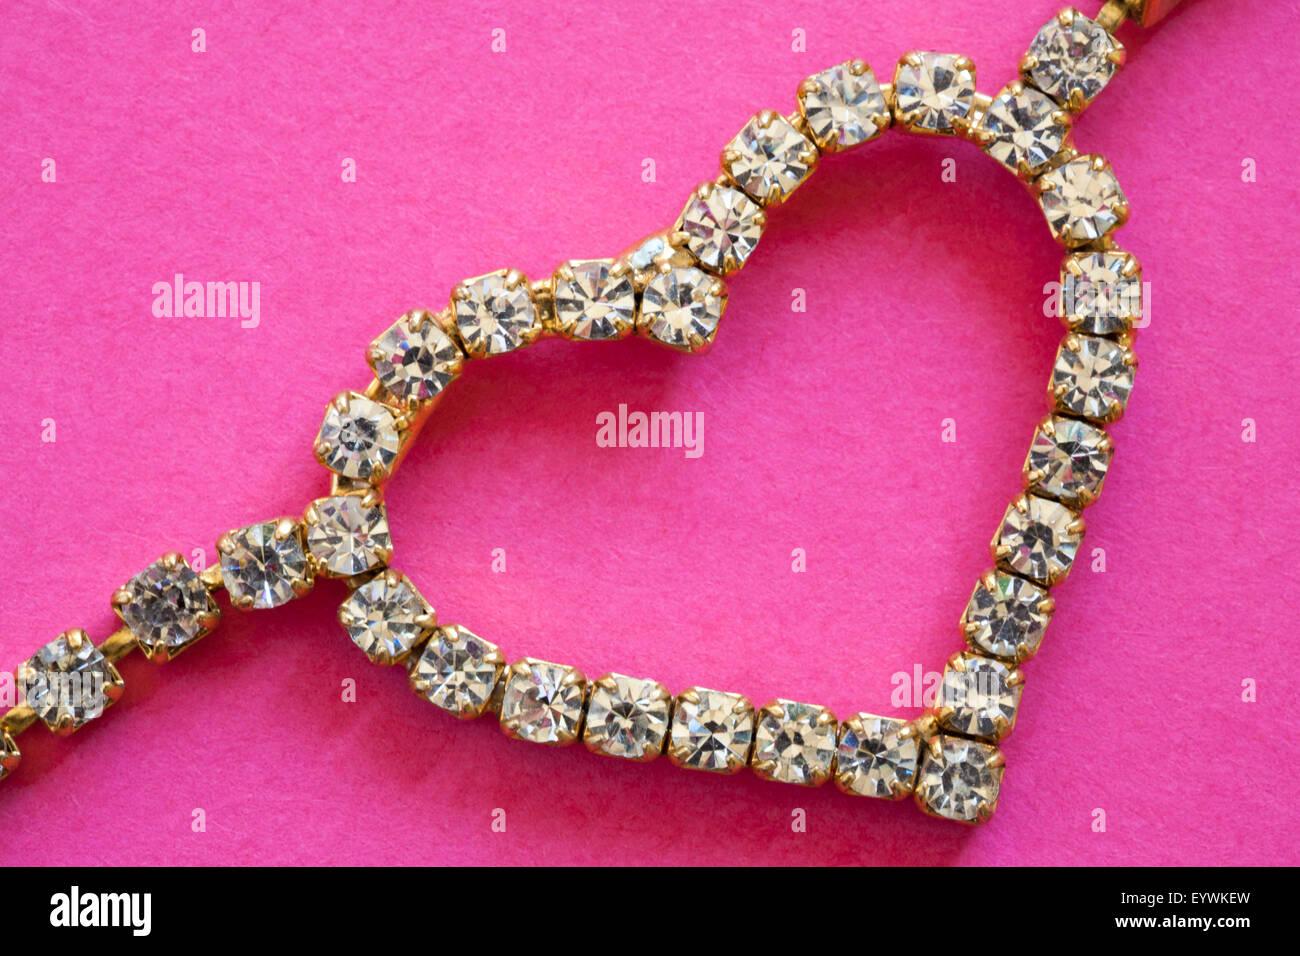 Cuore splendenti gioielli bling su sfondo rosa - ideale presente regalo per il giorno di San Valentino, il giorno Immagini Stock